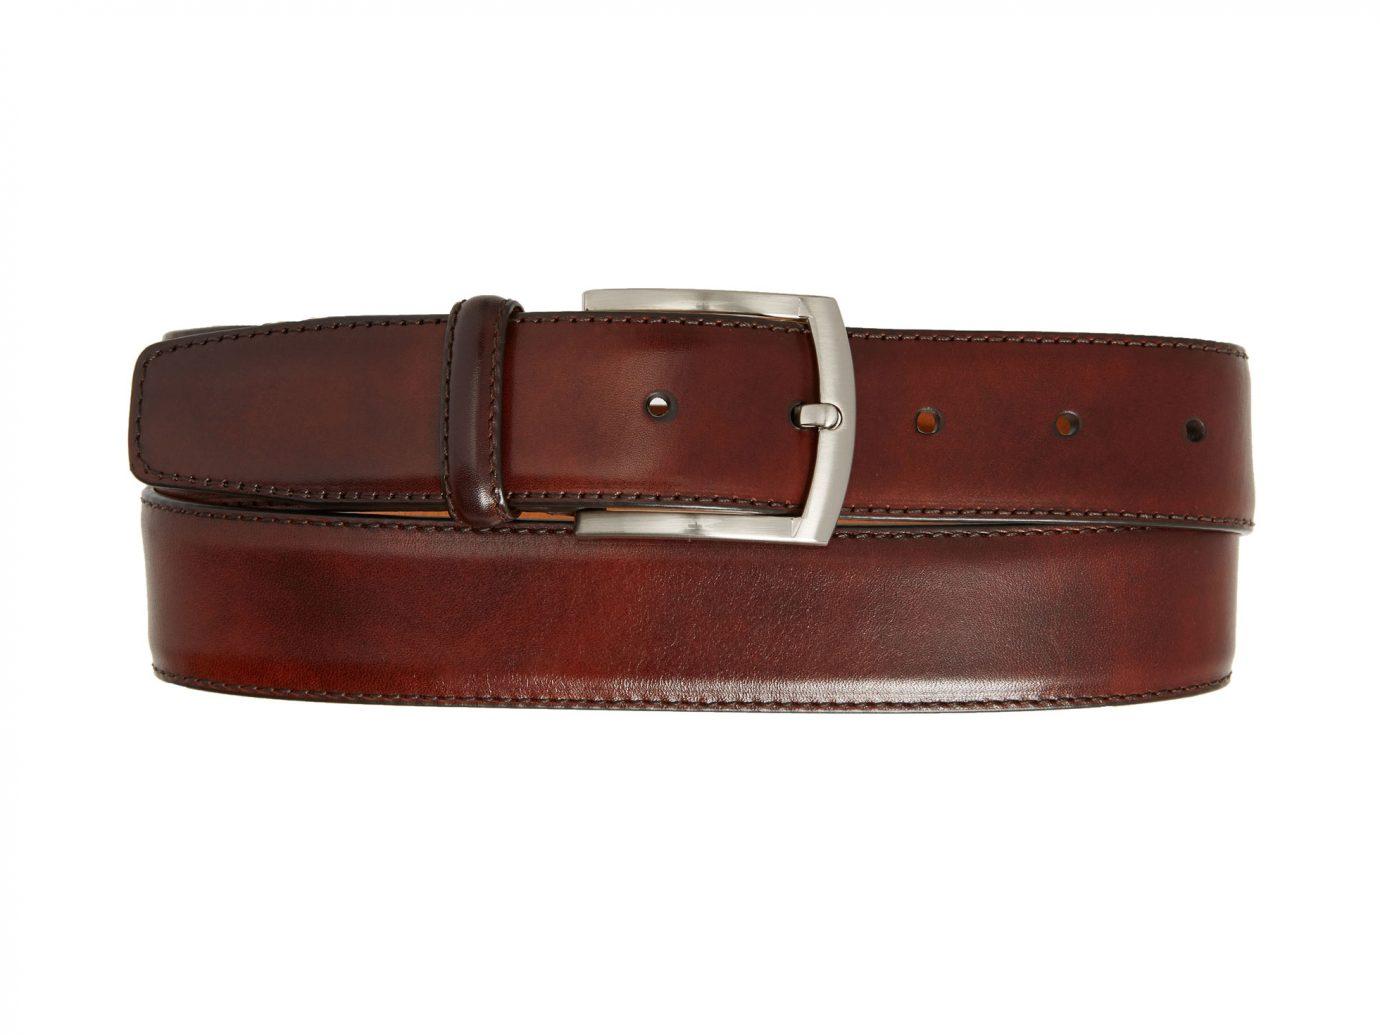 Magnanni Tanner Leather Belt